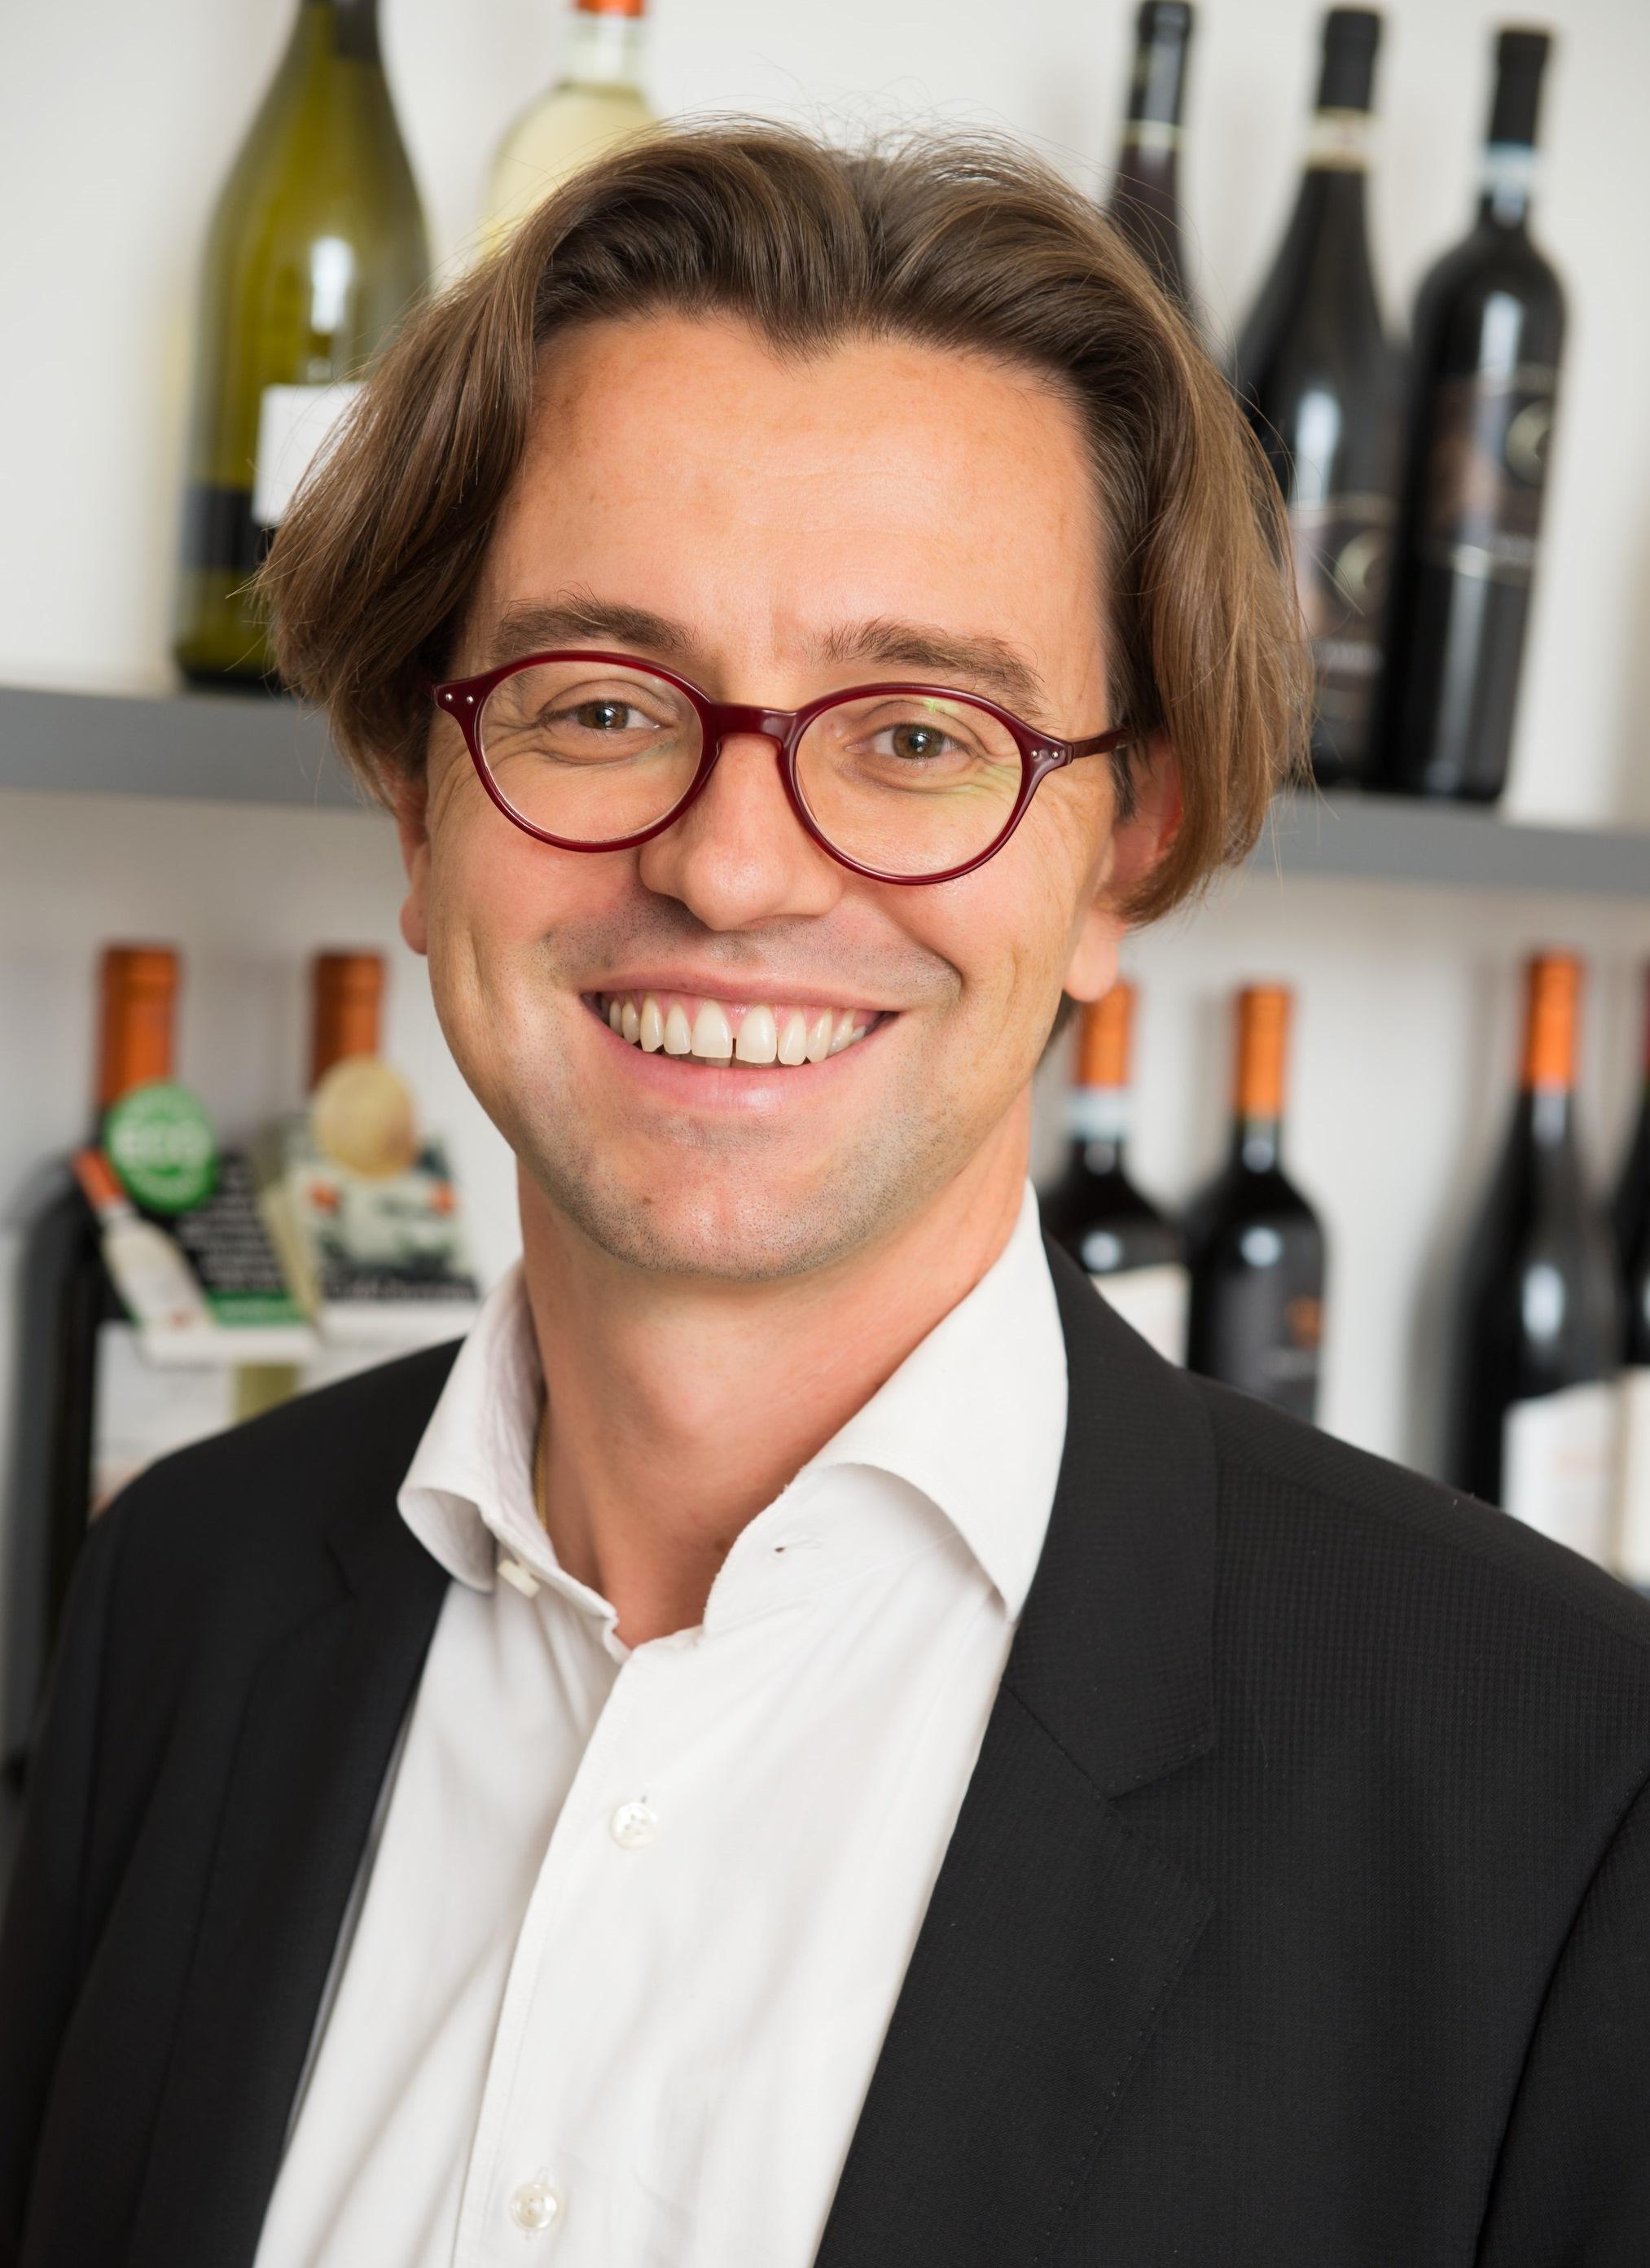 Pierpaolo Cielo, direttore marketing. - PierpaoloCielo2